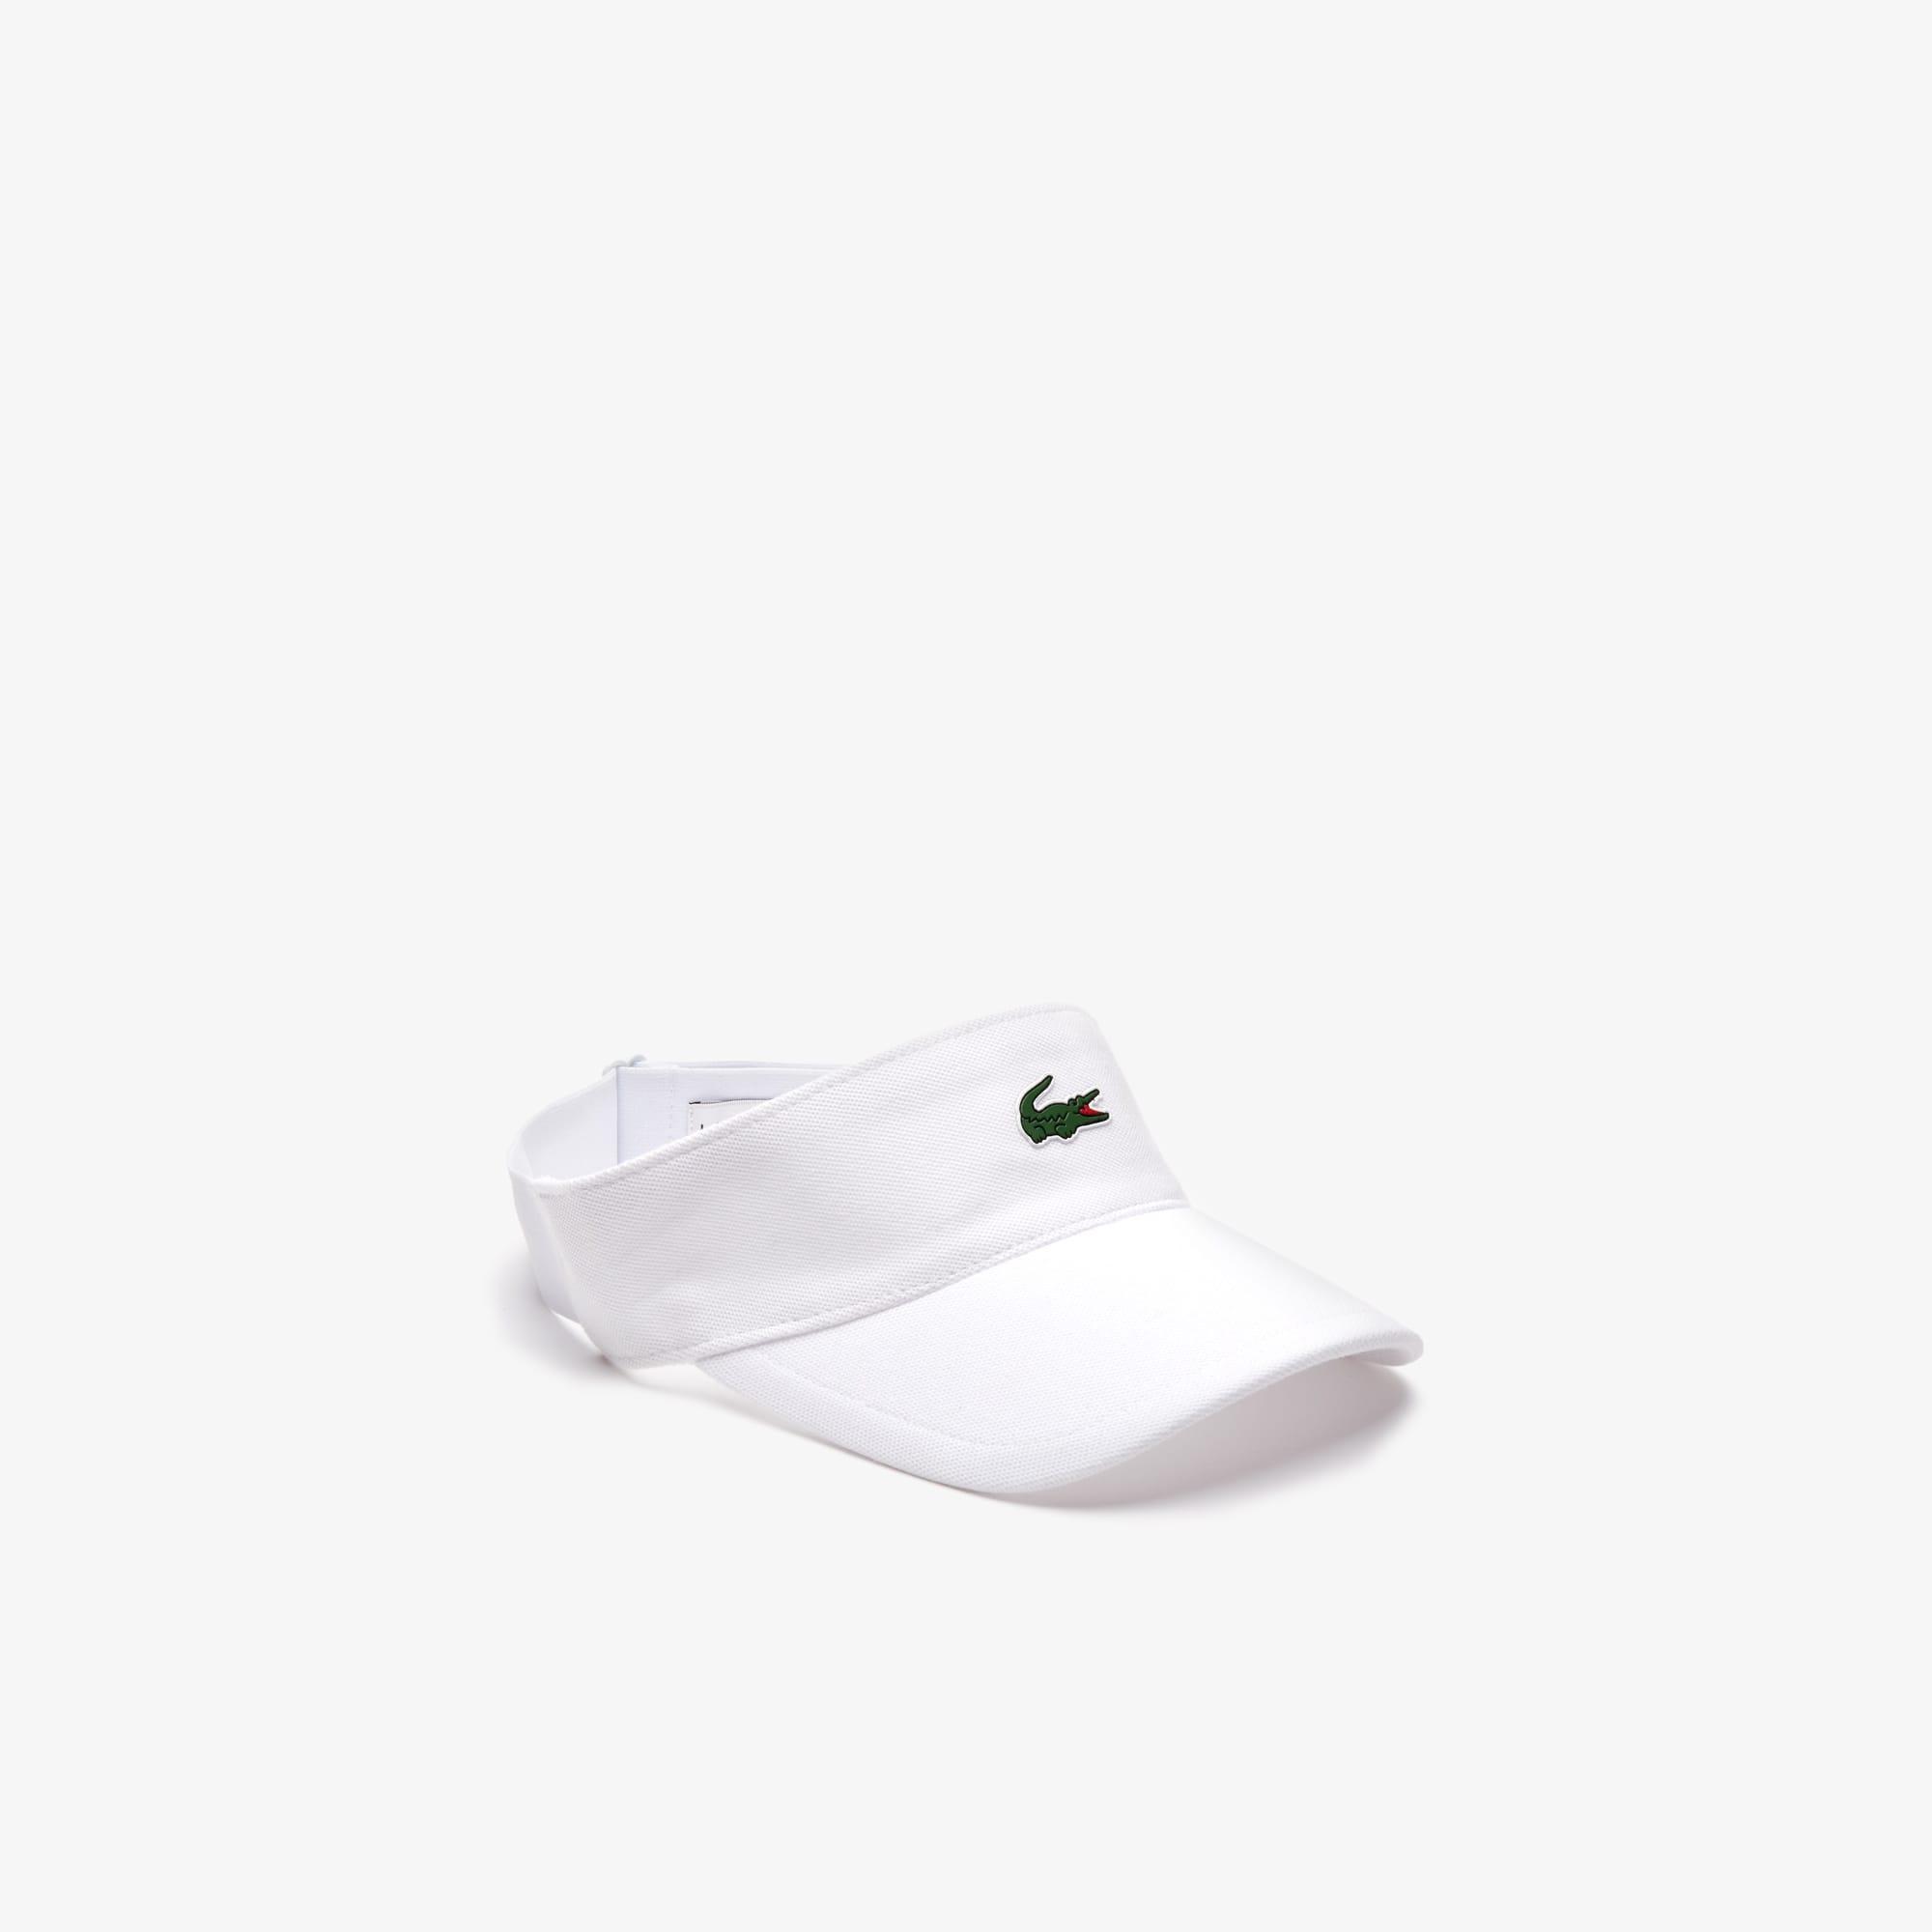 6529a4442 Men's Caps and Hats | Men's Accessories | LACOSTE